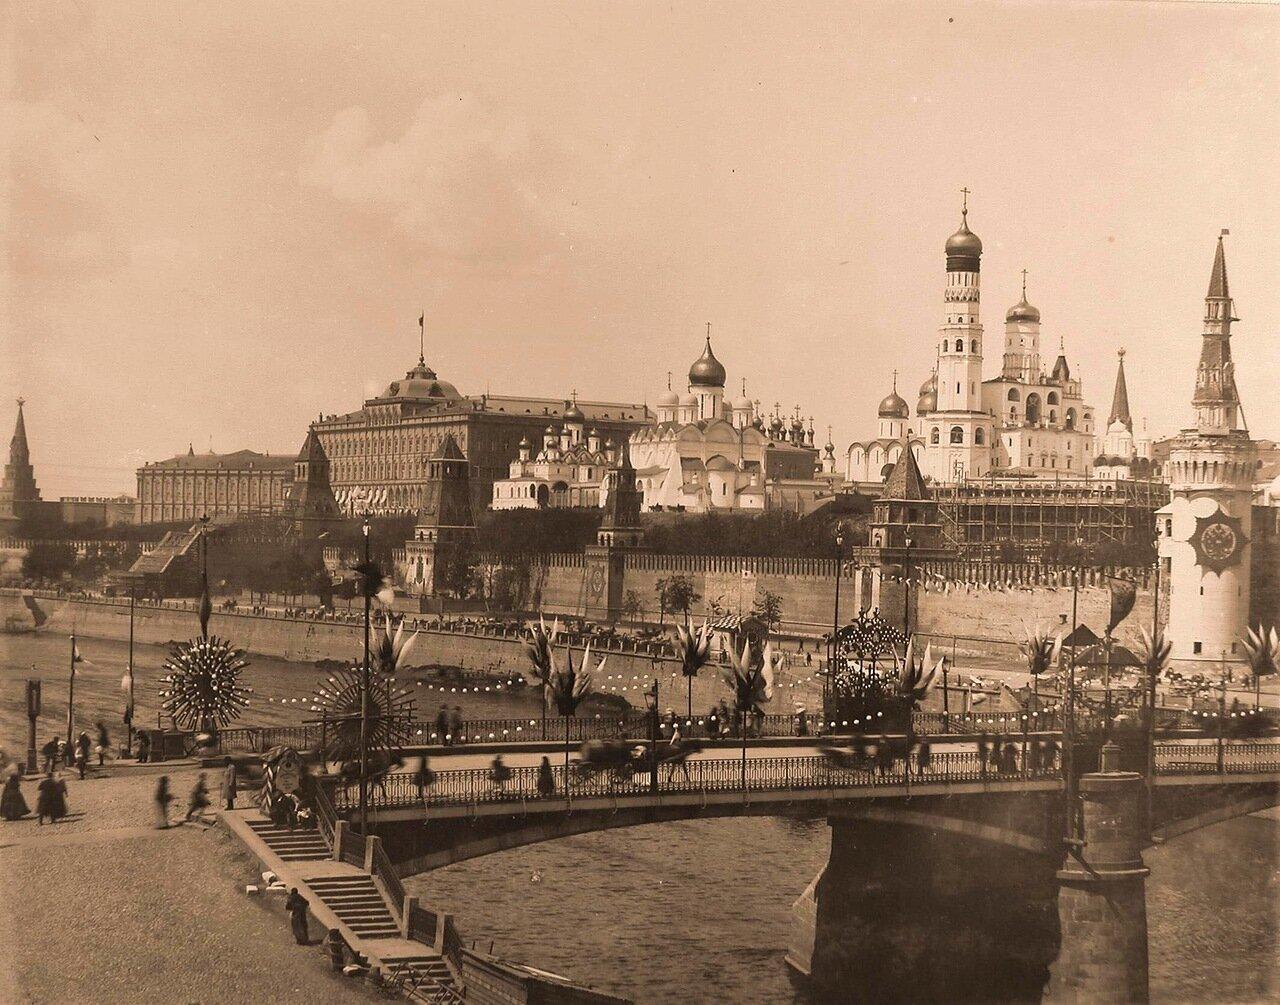 Вид на Кремль со стороны Замоскворечья; на первом плане-празднично украшенный к торжествам коронации Большой Москворецкий мост